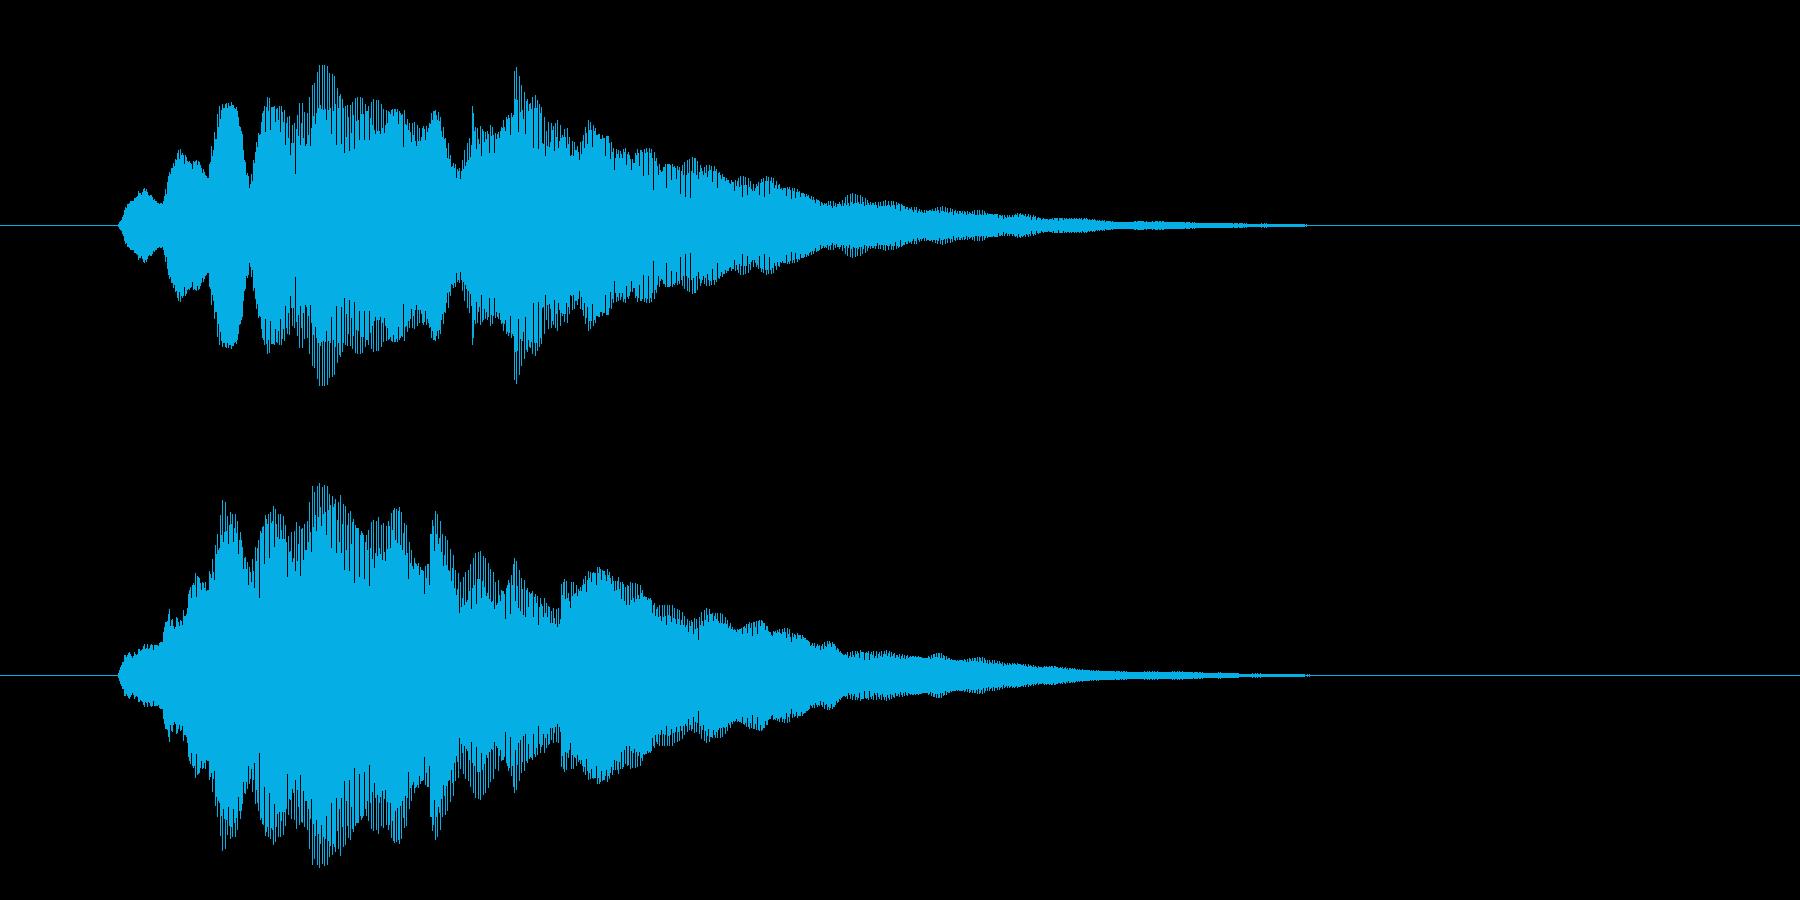 チャララン(フルート風の効果音)の再生済みの波形